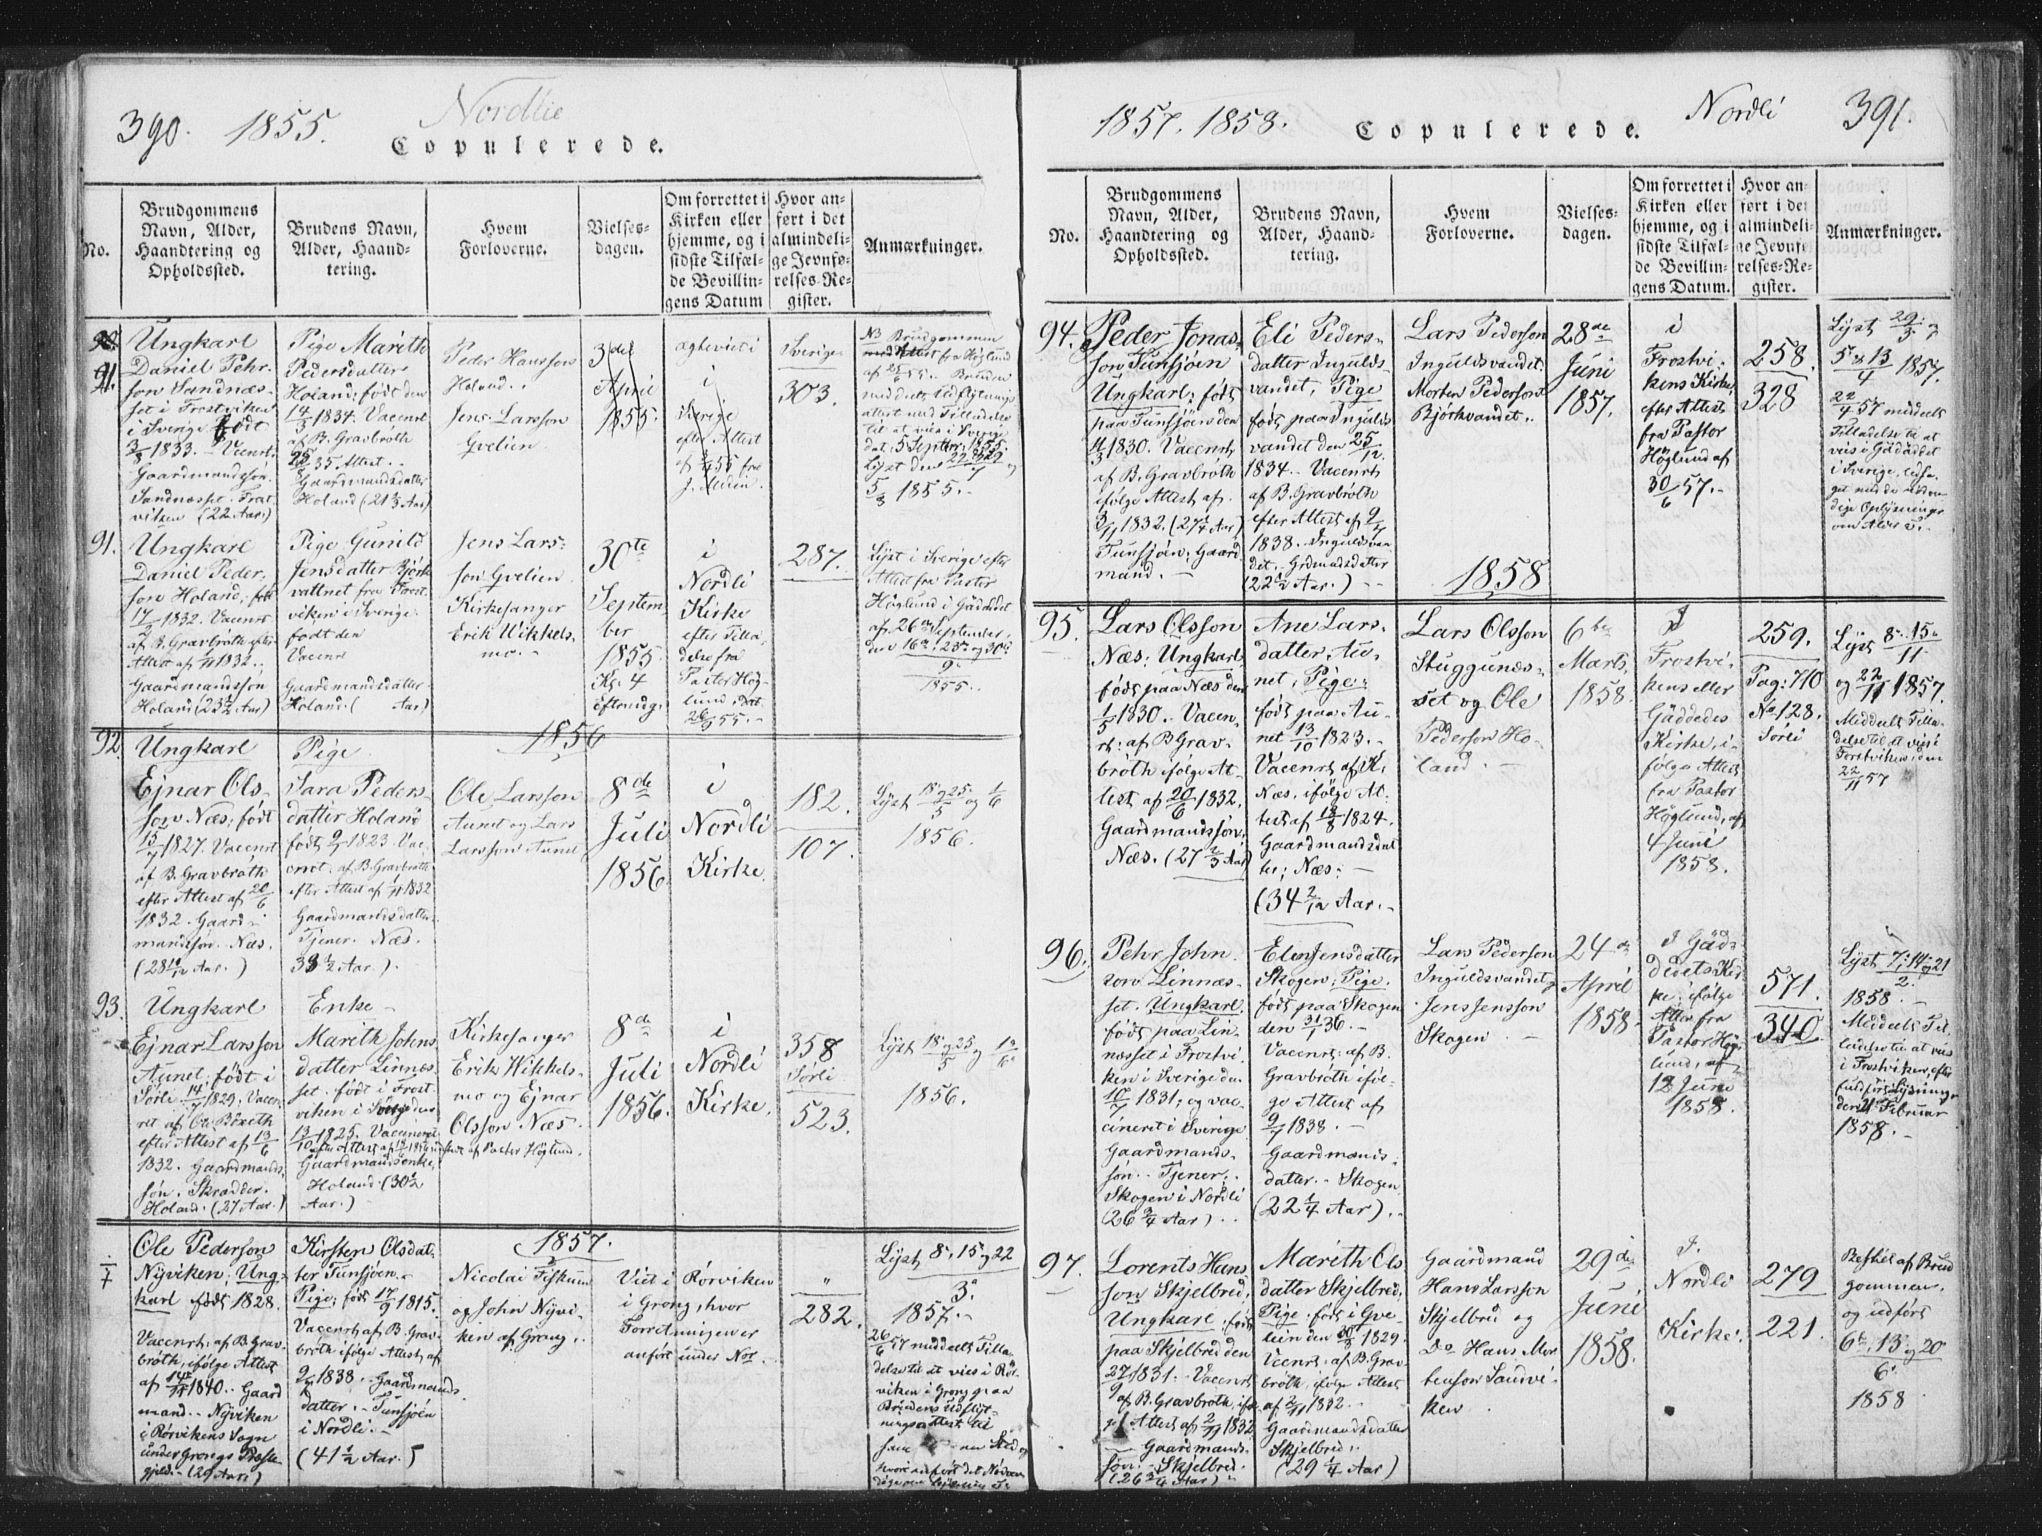 SAT, Ministerialprotokoller, klokkerbøker og fødselsregistre - Nord-Trøndelag, 755/L0491: Ministerialbok nr. 755A01 /1, 1817-1864, s. 390-391